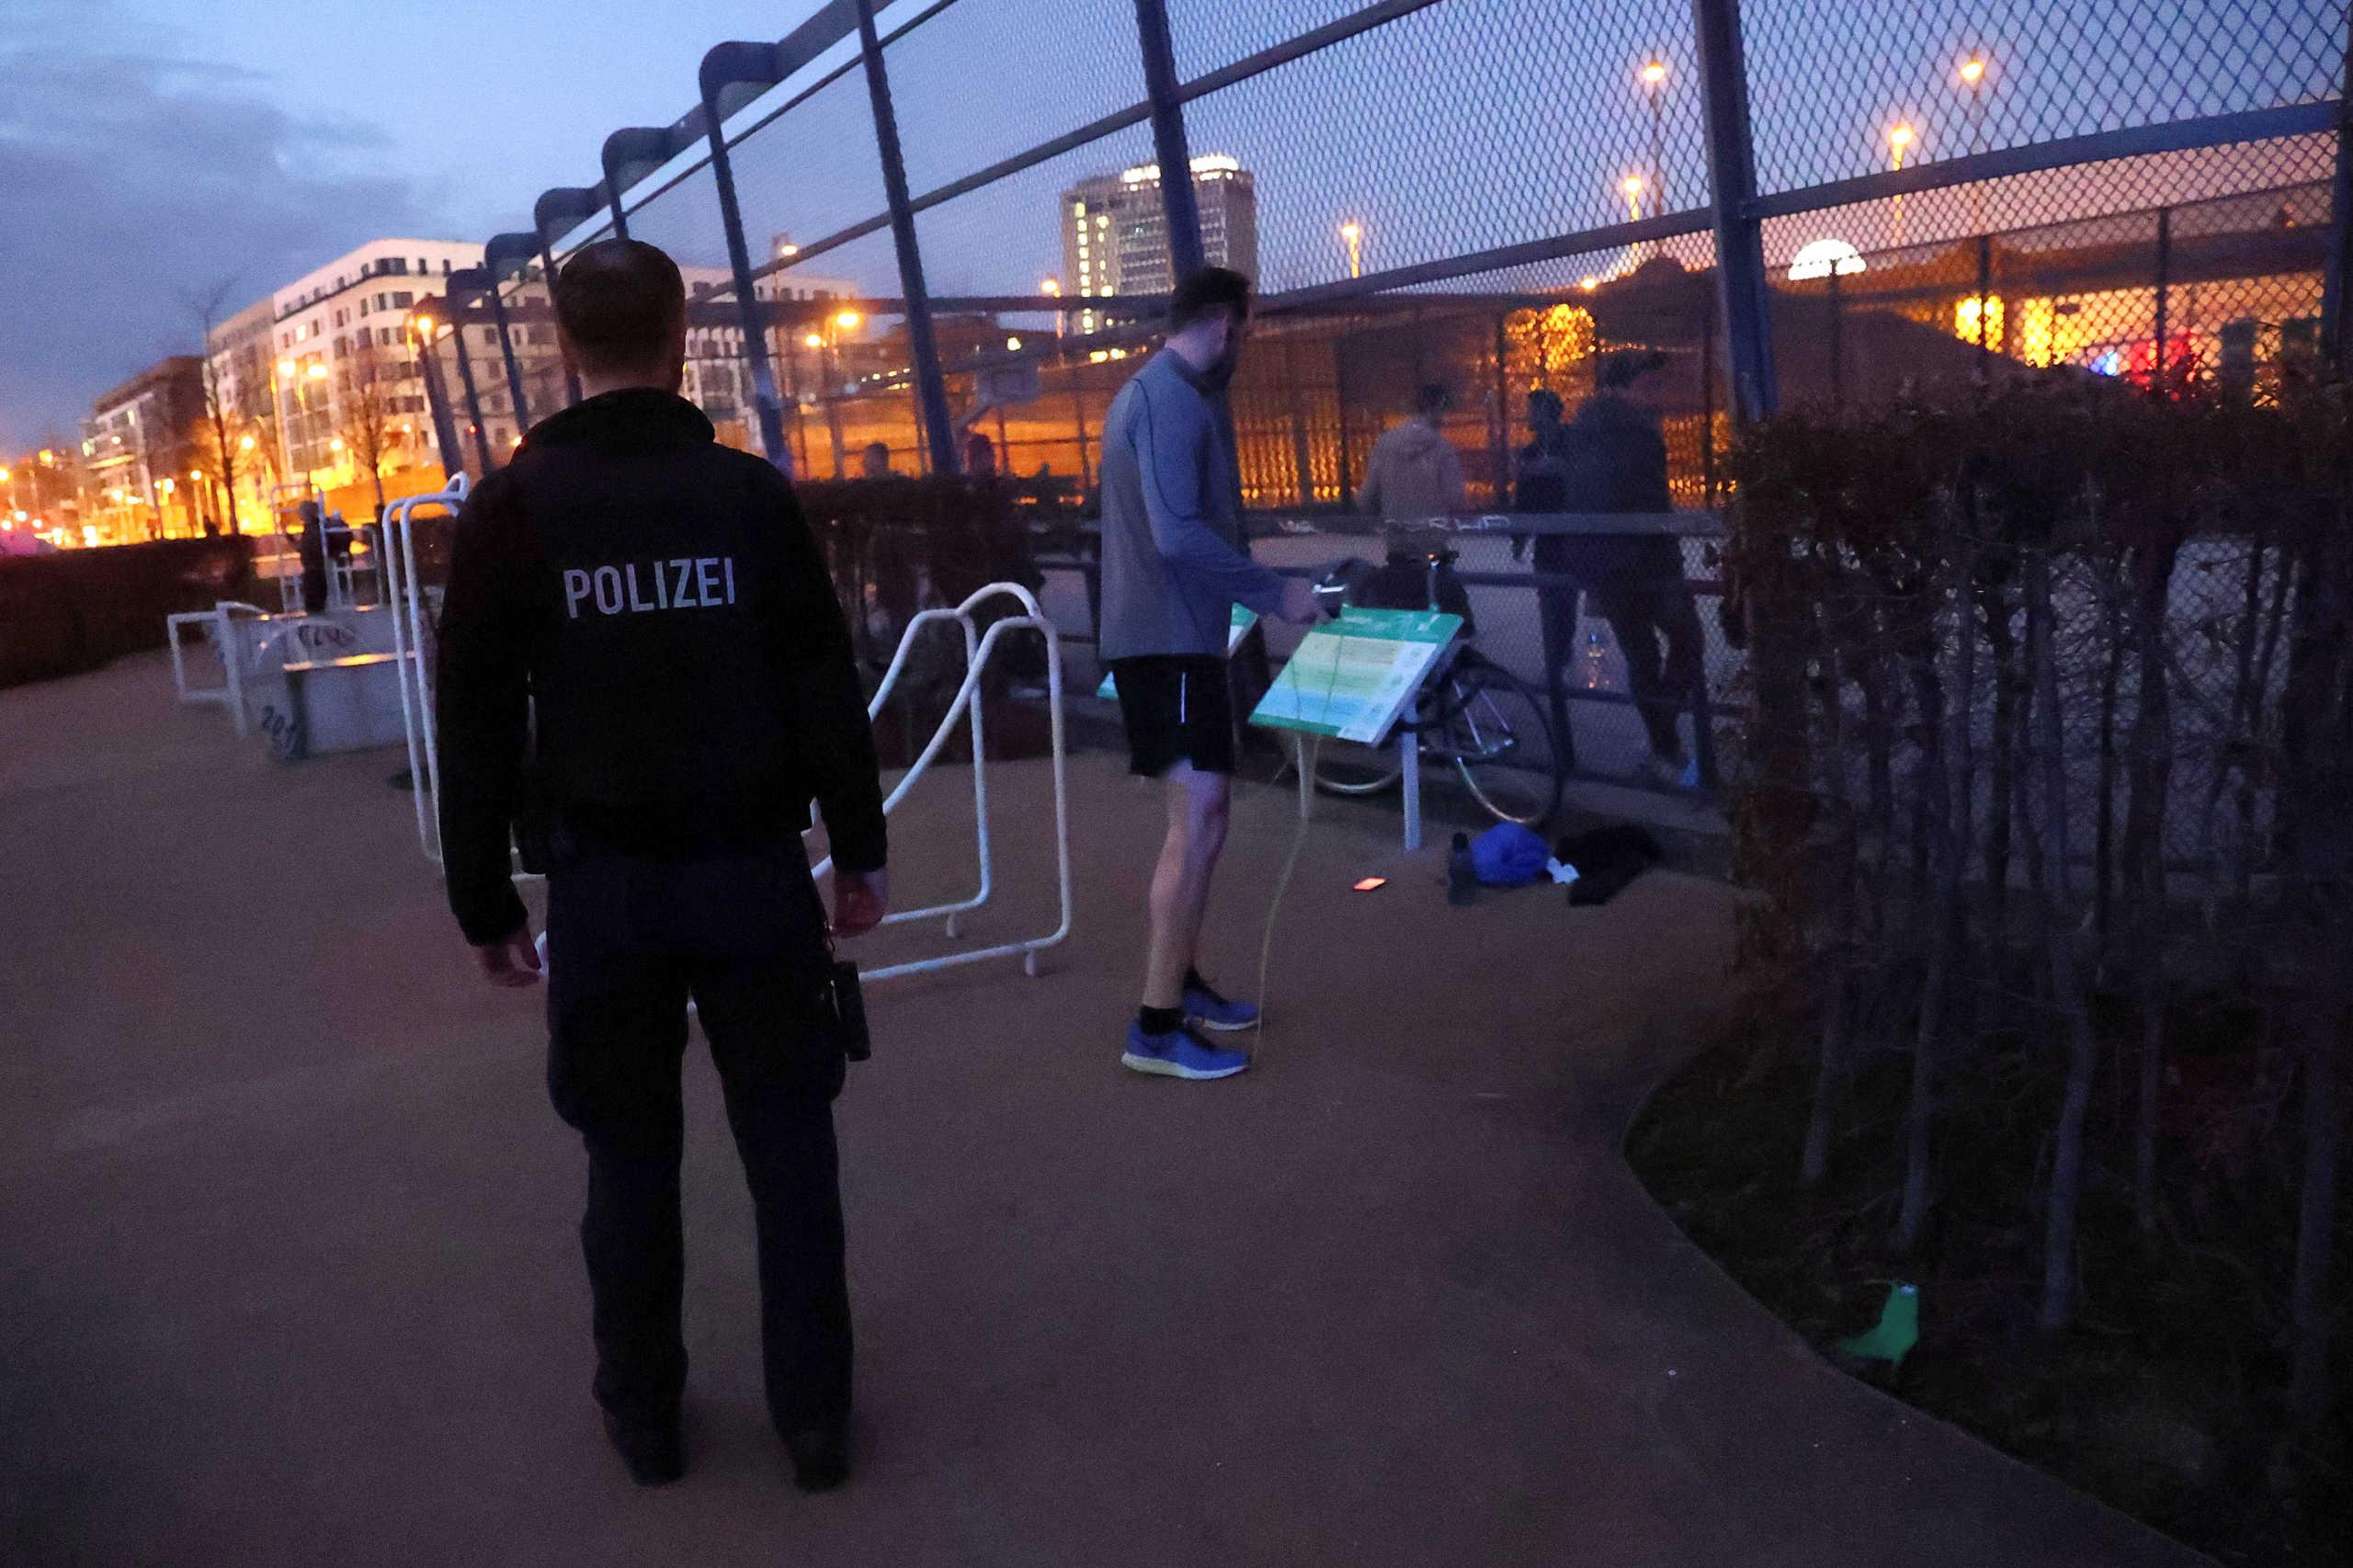 Κορονοϊός: 12.300 κρούσματα στην Γερμανία! 28 νεκροί (pics)